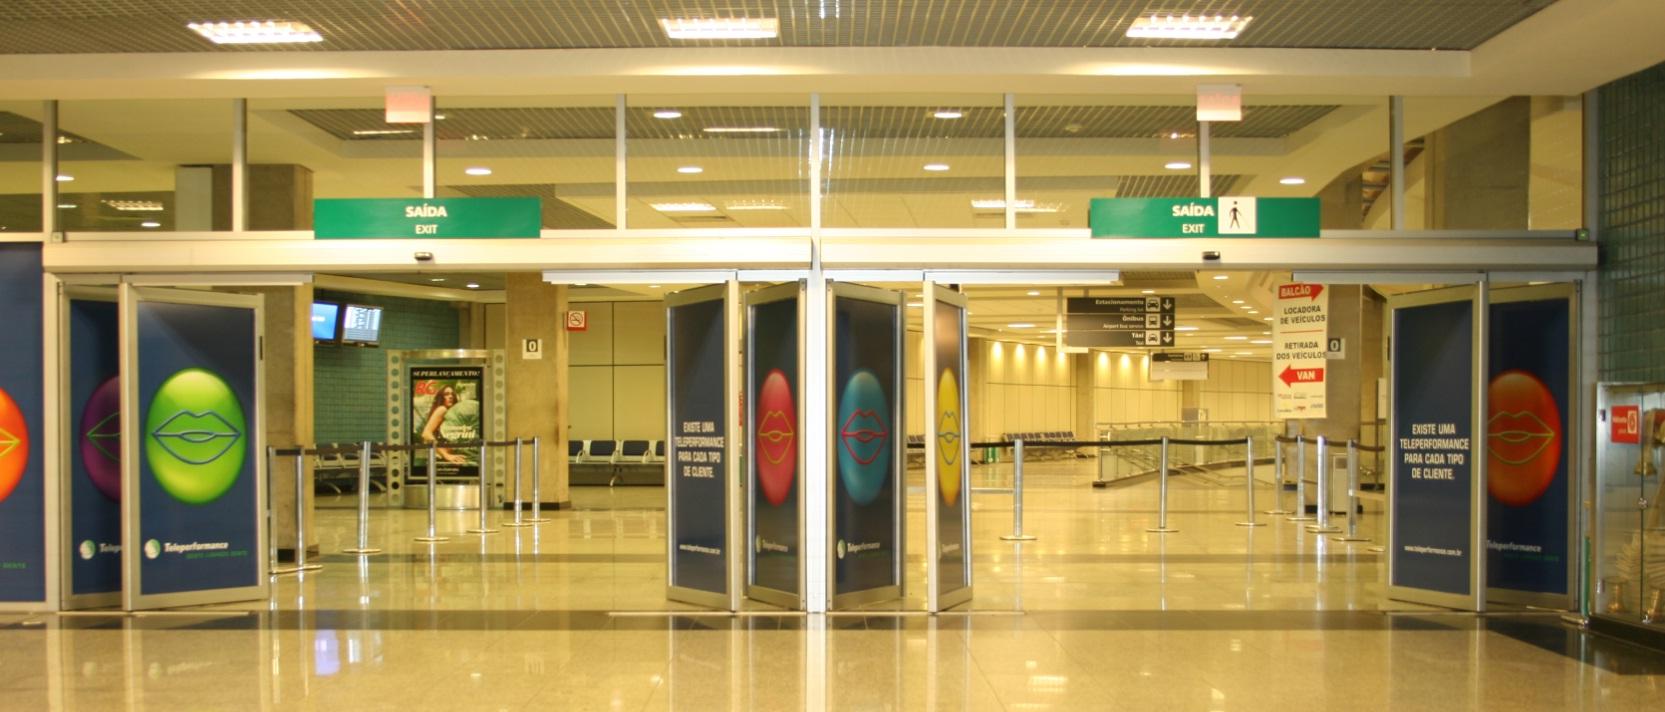 Puerta de Evacuación 02